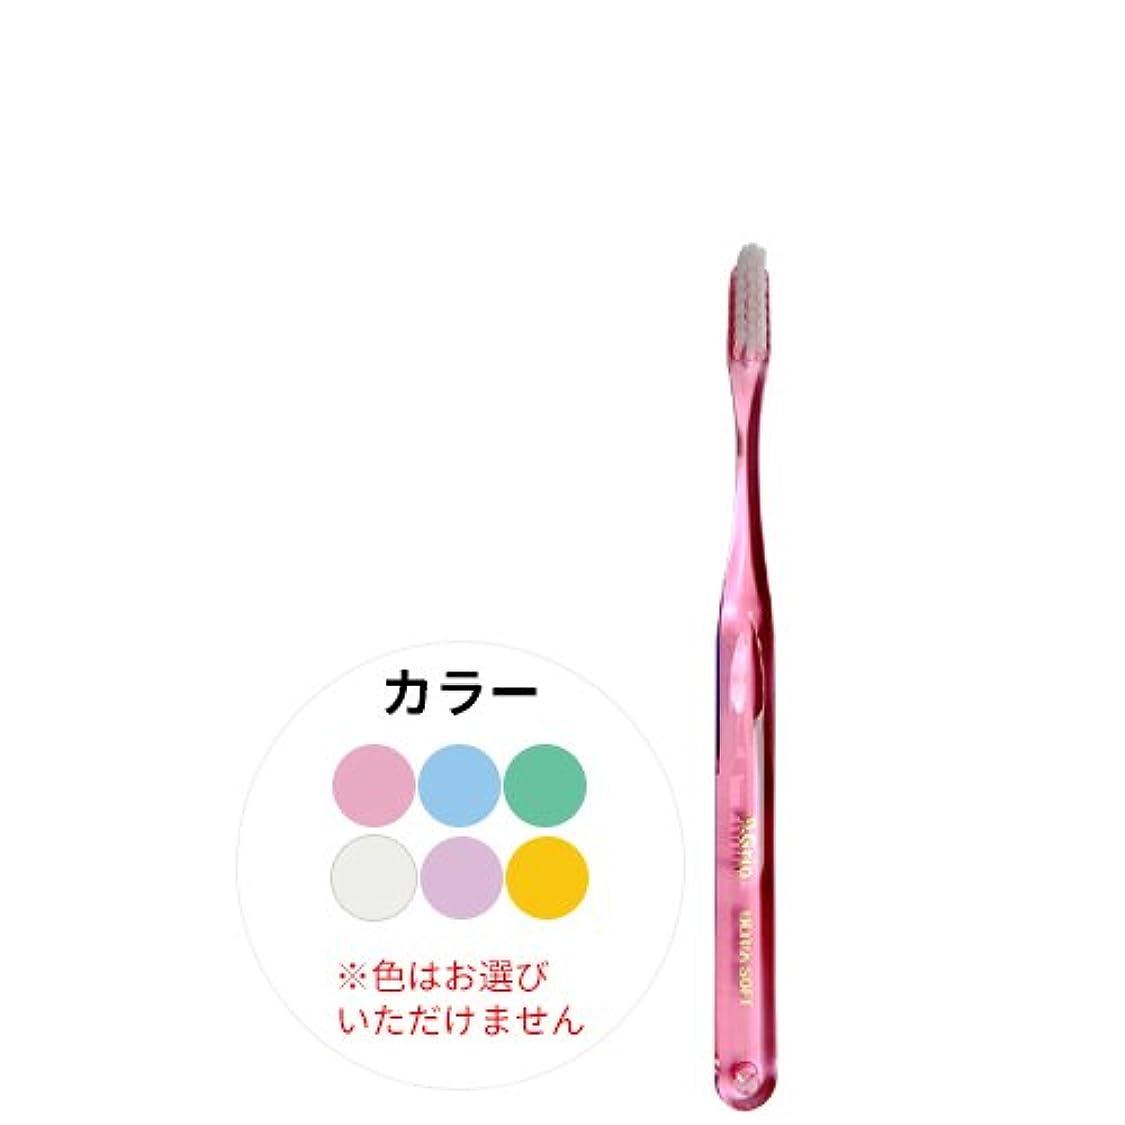 表向き怖い信頼P.D.R.(ピーディーアール) P.Grip(ピーグリップ)ウルトラソフト 歯ブラシ × 1本